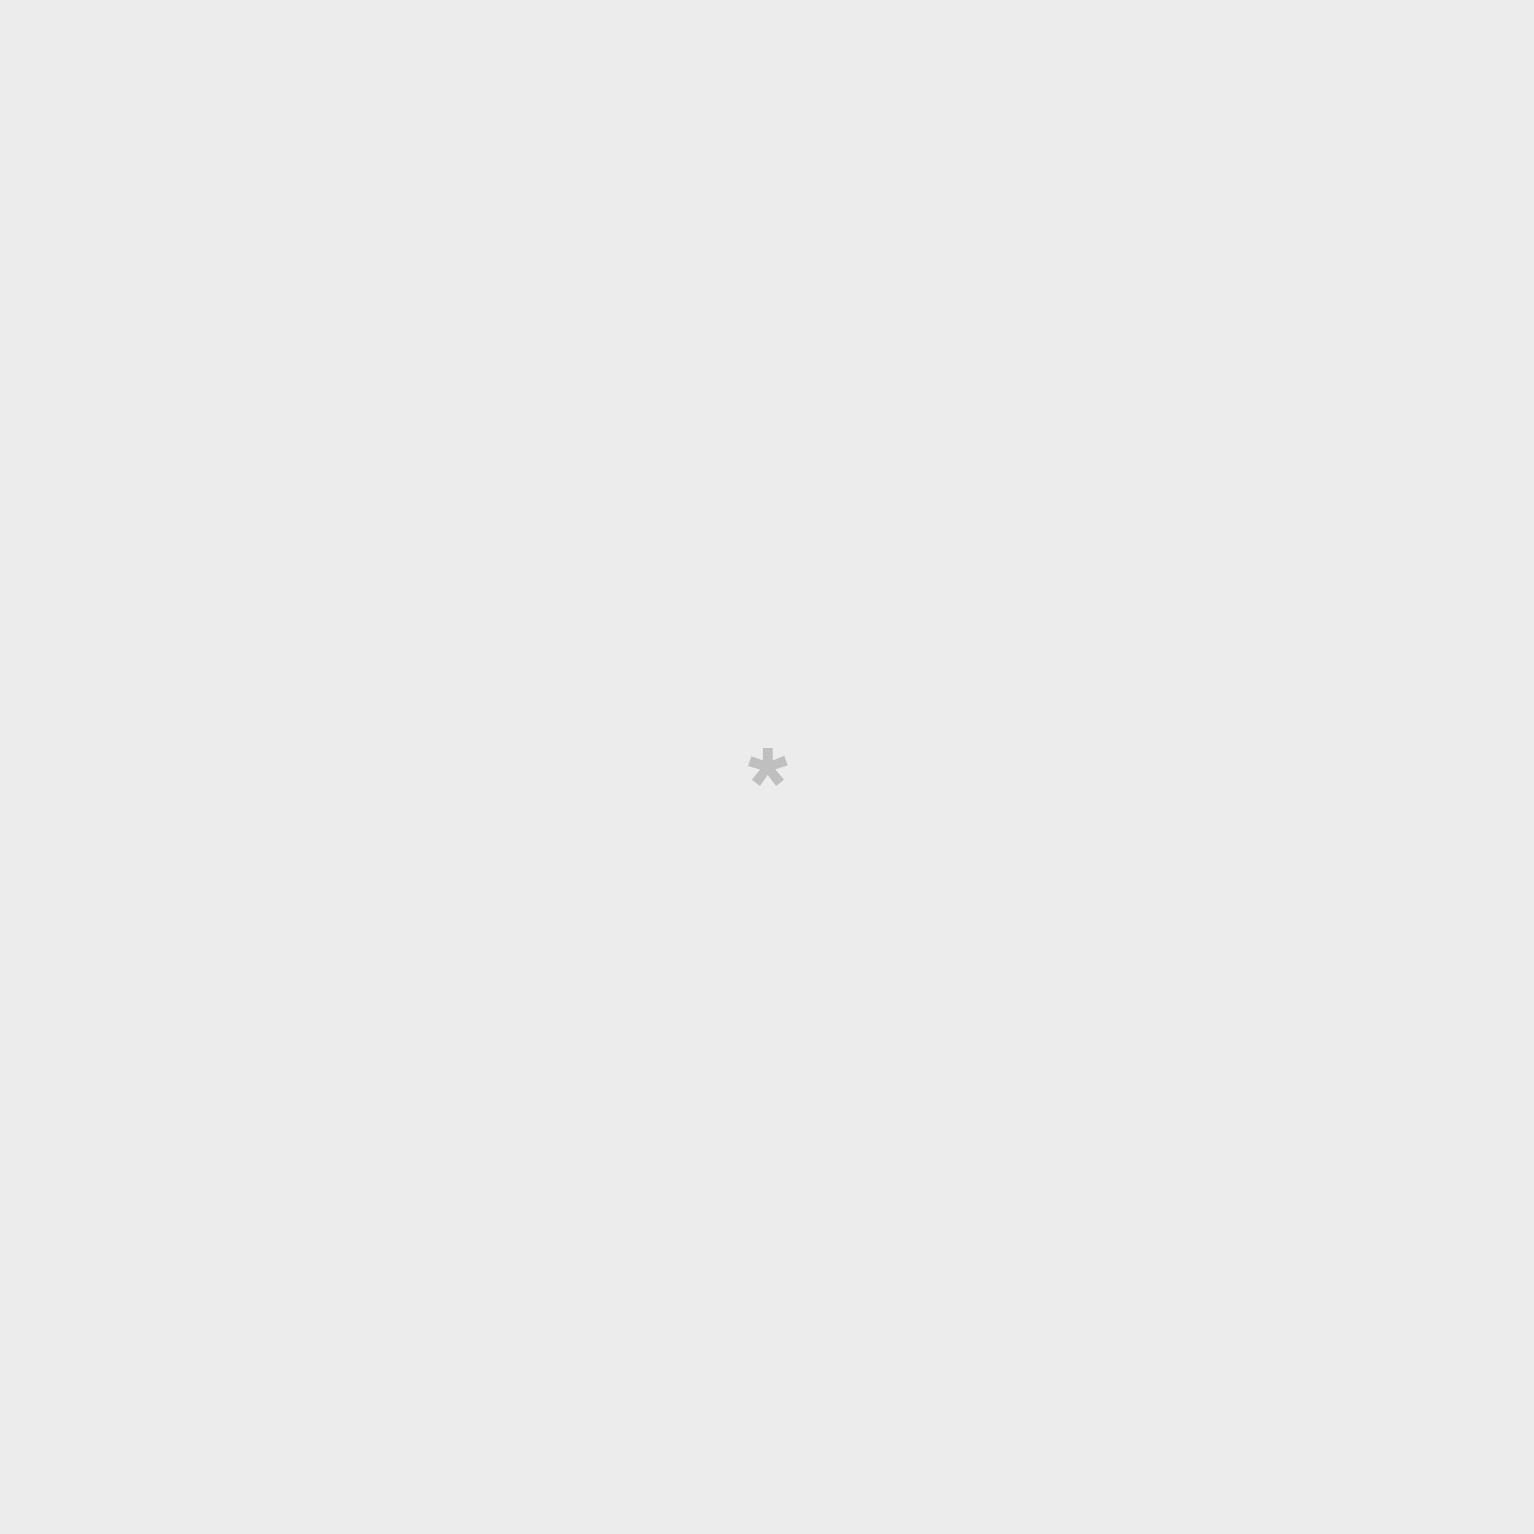 Boîte distributrice d'idées à faire entre amis veces juntos